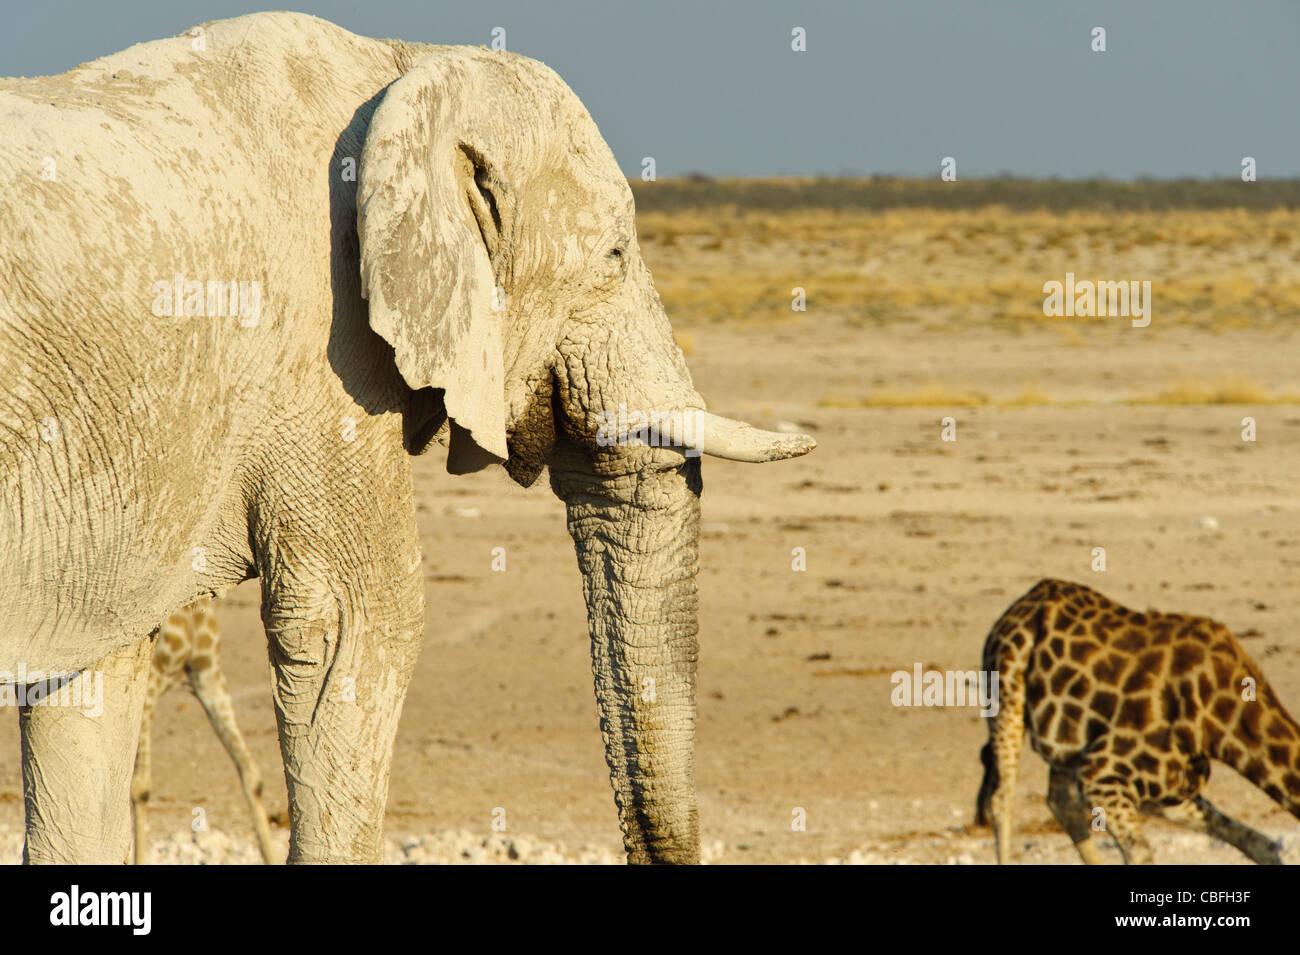 Elephant and giraffe at  'Elephant Bath' water hole. Etosha National Park, Namibia. - Stock Image